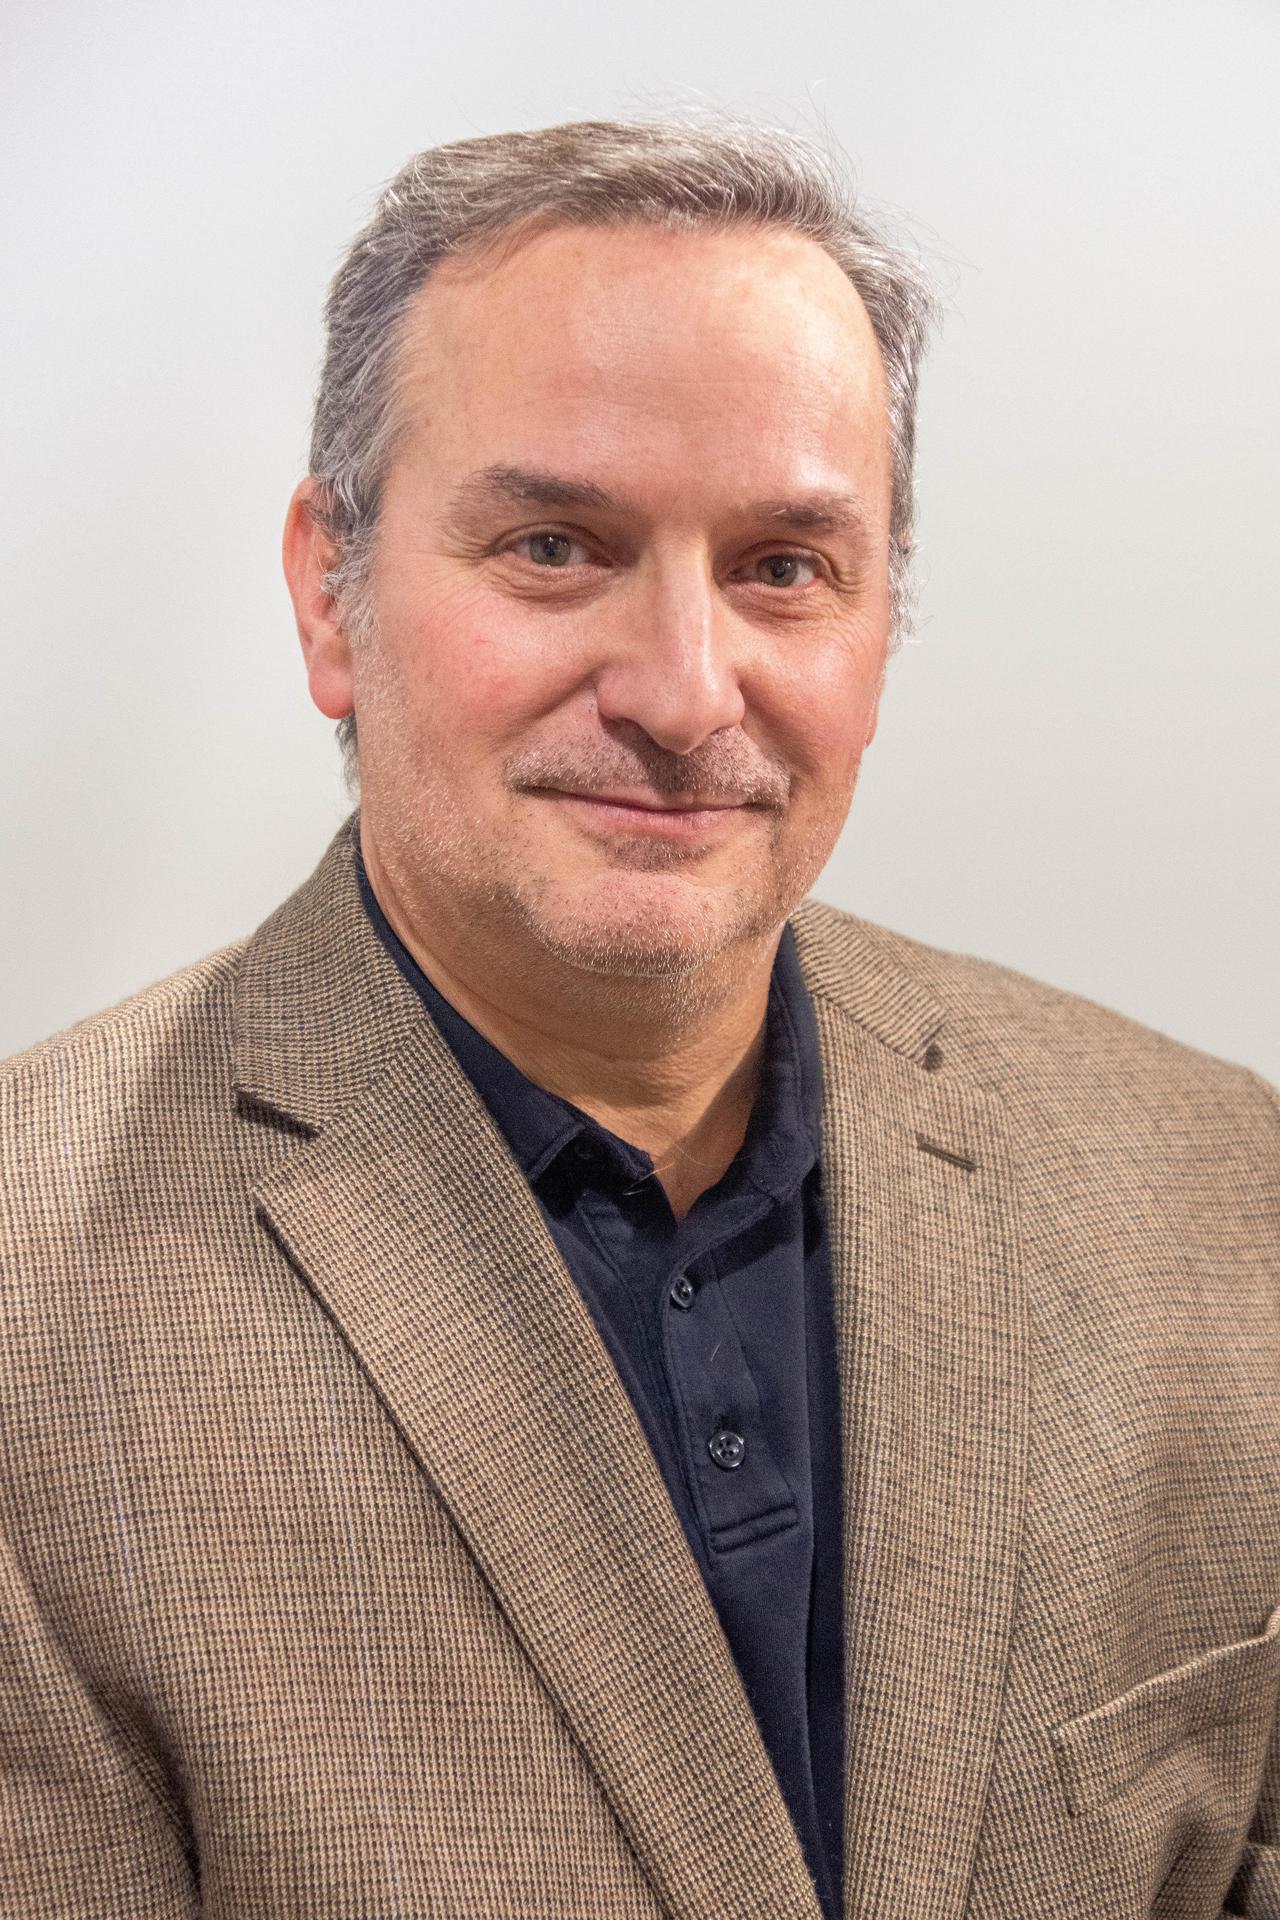 Board President Joe Stein